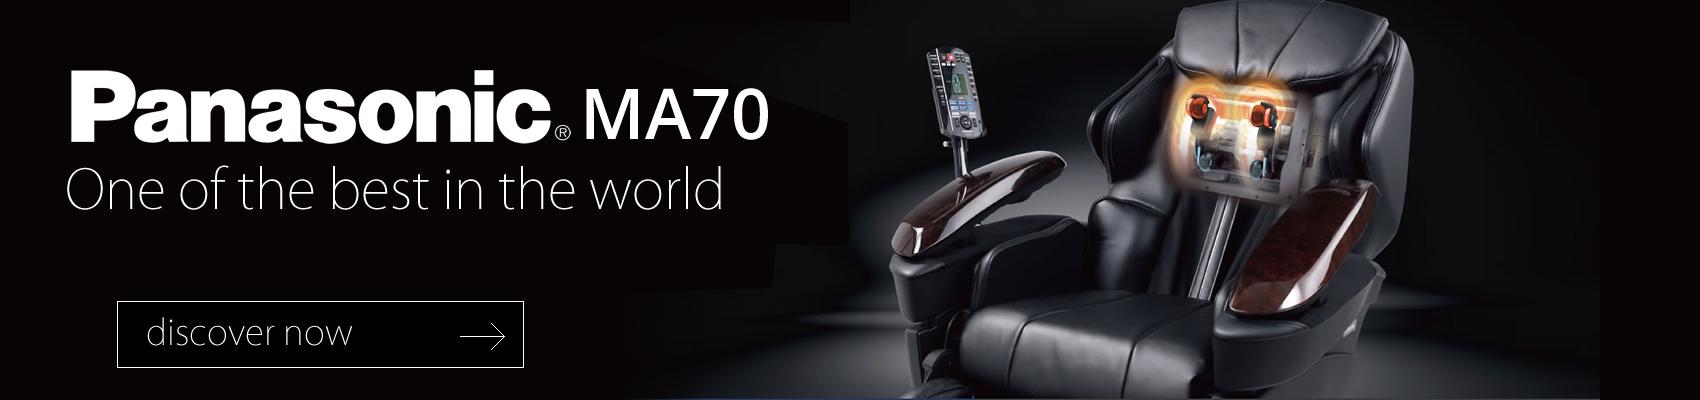 Panasonic MA70